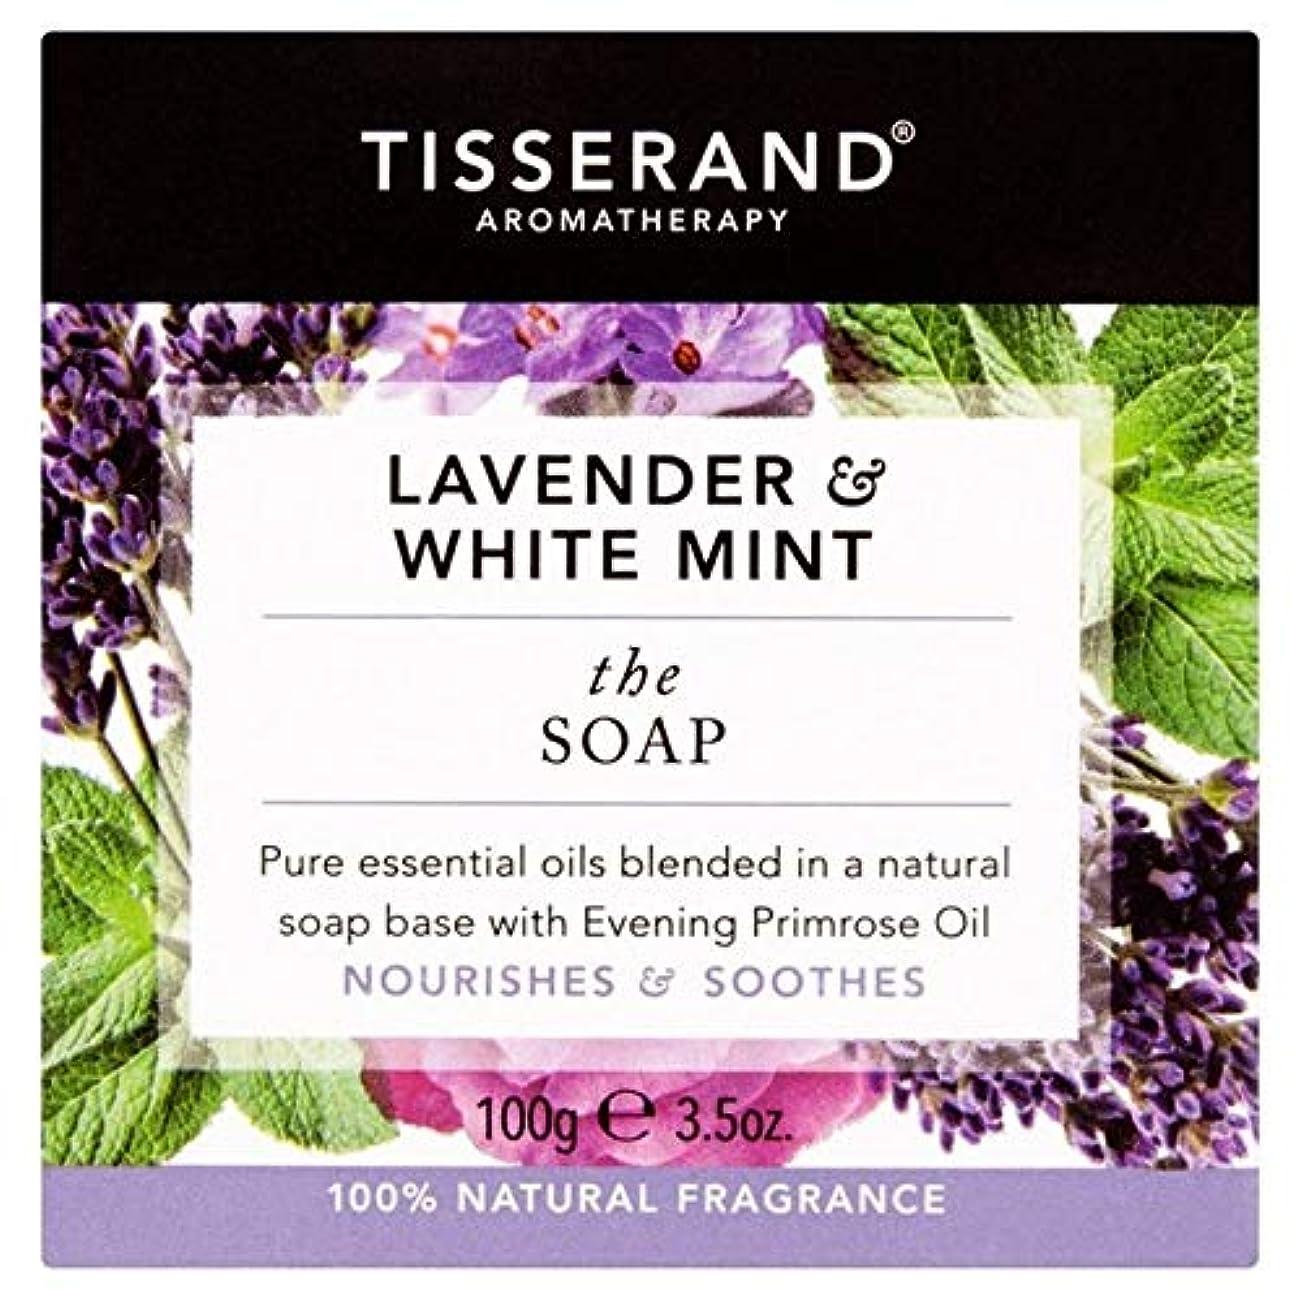 雑草オーロック引っ張る[Tisserand ] ティスランドラベンダー&ホワイトミント石鹸100グラム - Tisserand Lavender & White Mint The Soap 100g [並行輸入品]